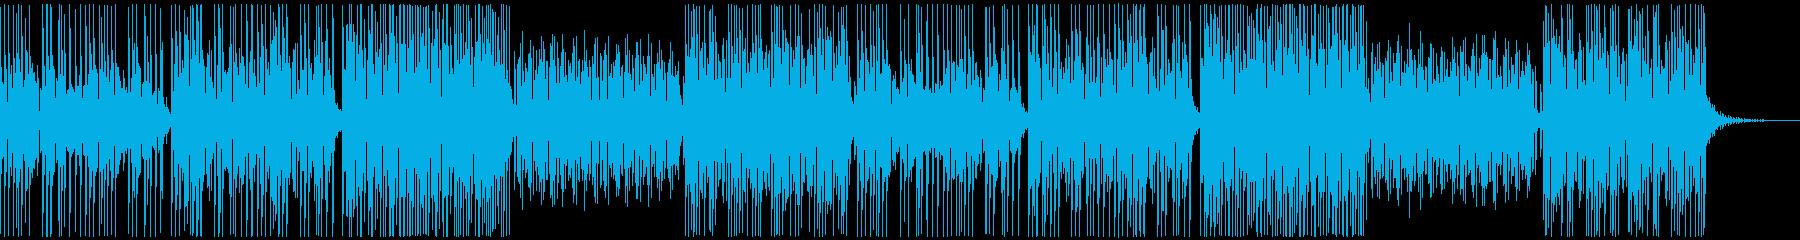 夏を盛り上げるトロピカルハウス・2の再生済みの波形